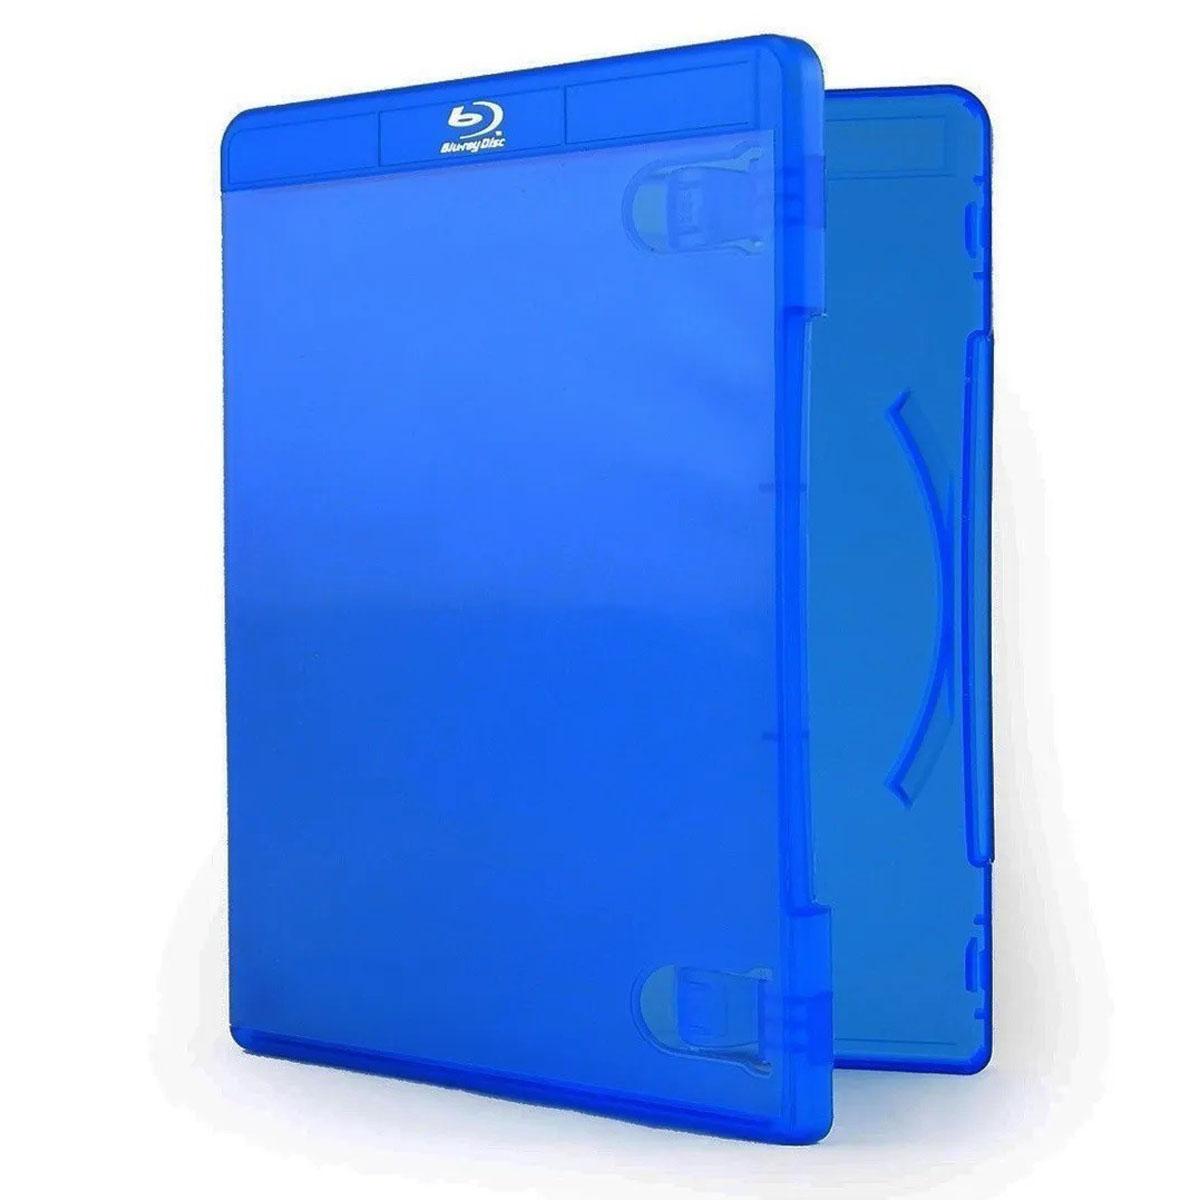 Capa para DVD Blue Ray Estojo Transparente Azul para Filmes BlueRay